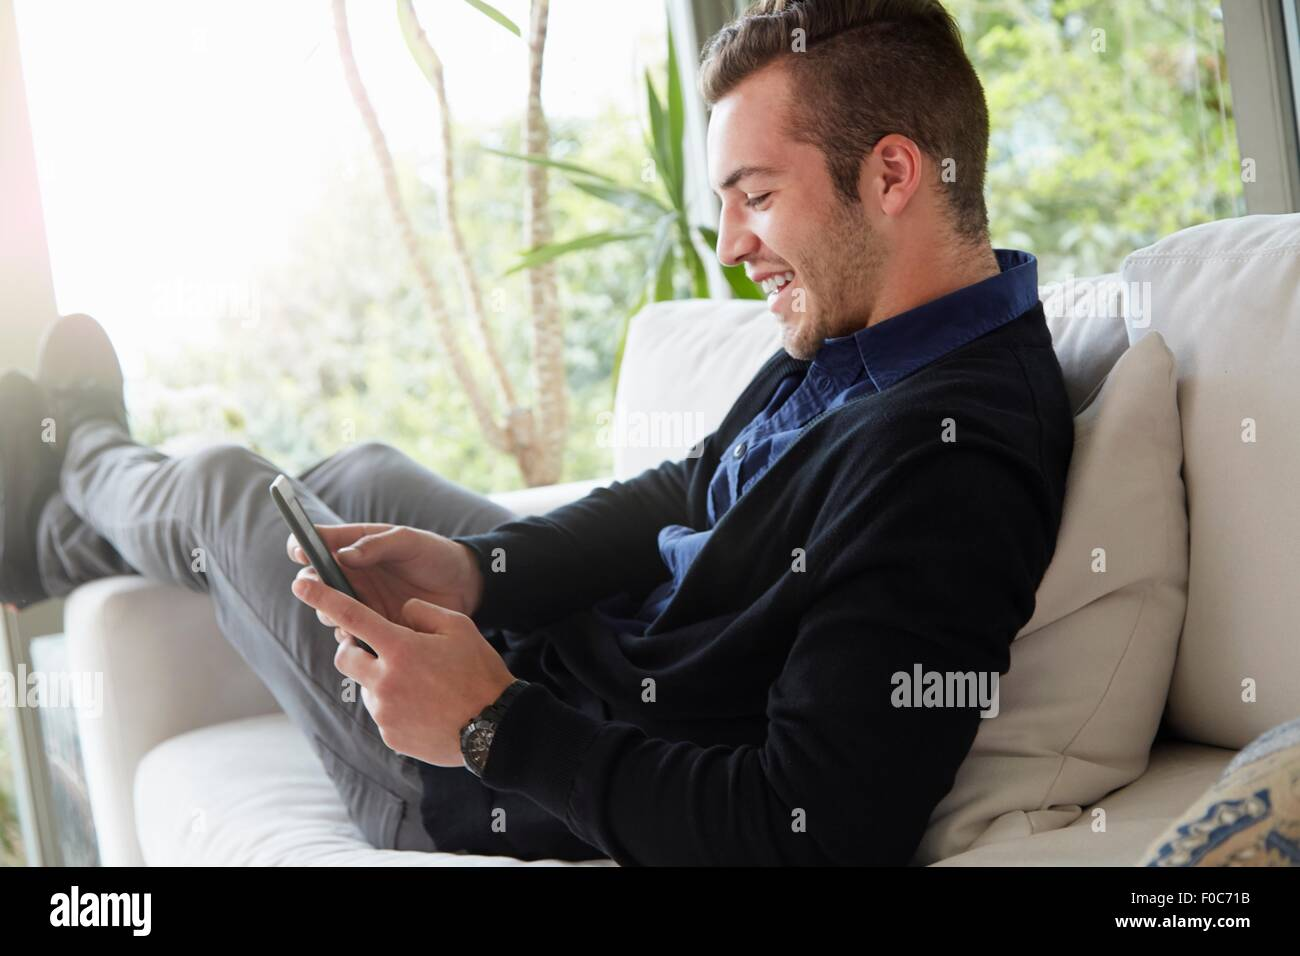 Retrato del hombre relajado en el sofá con los pies hacia arriba mirando al dispositivo de lectura digital Imagen De Stock